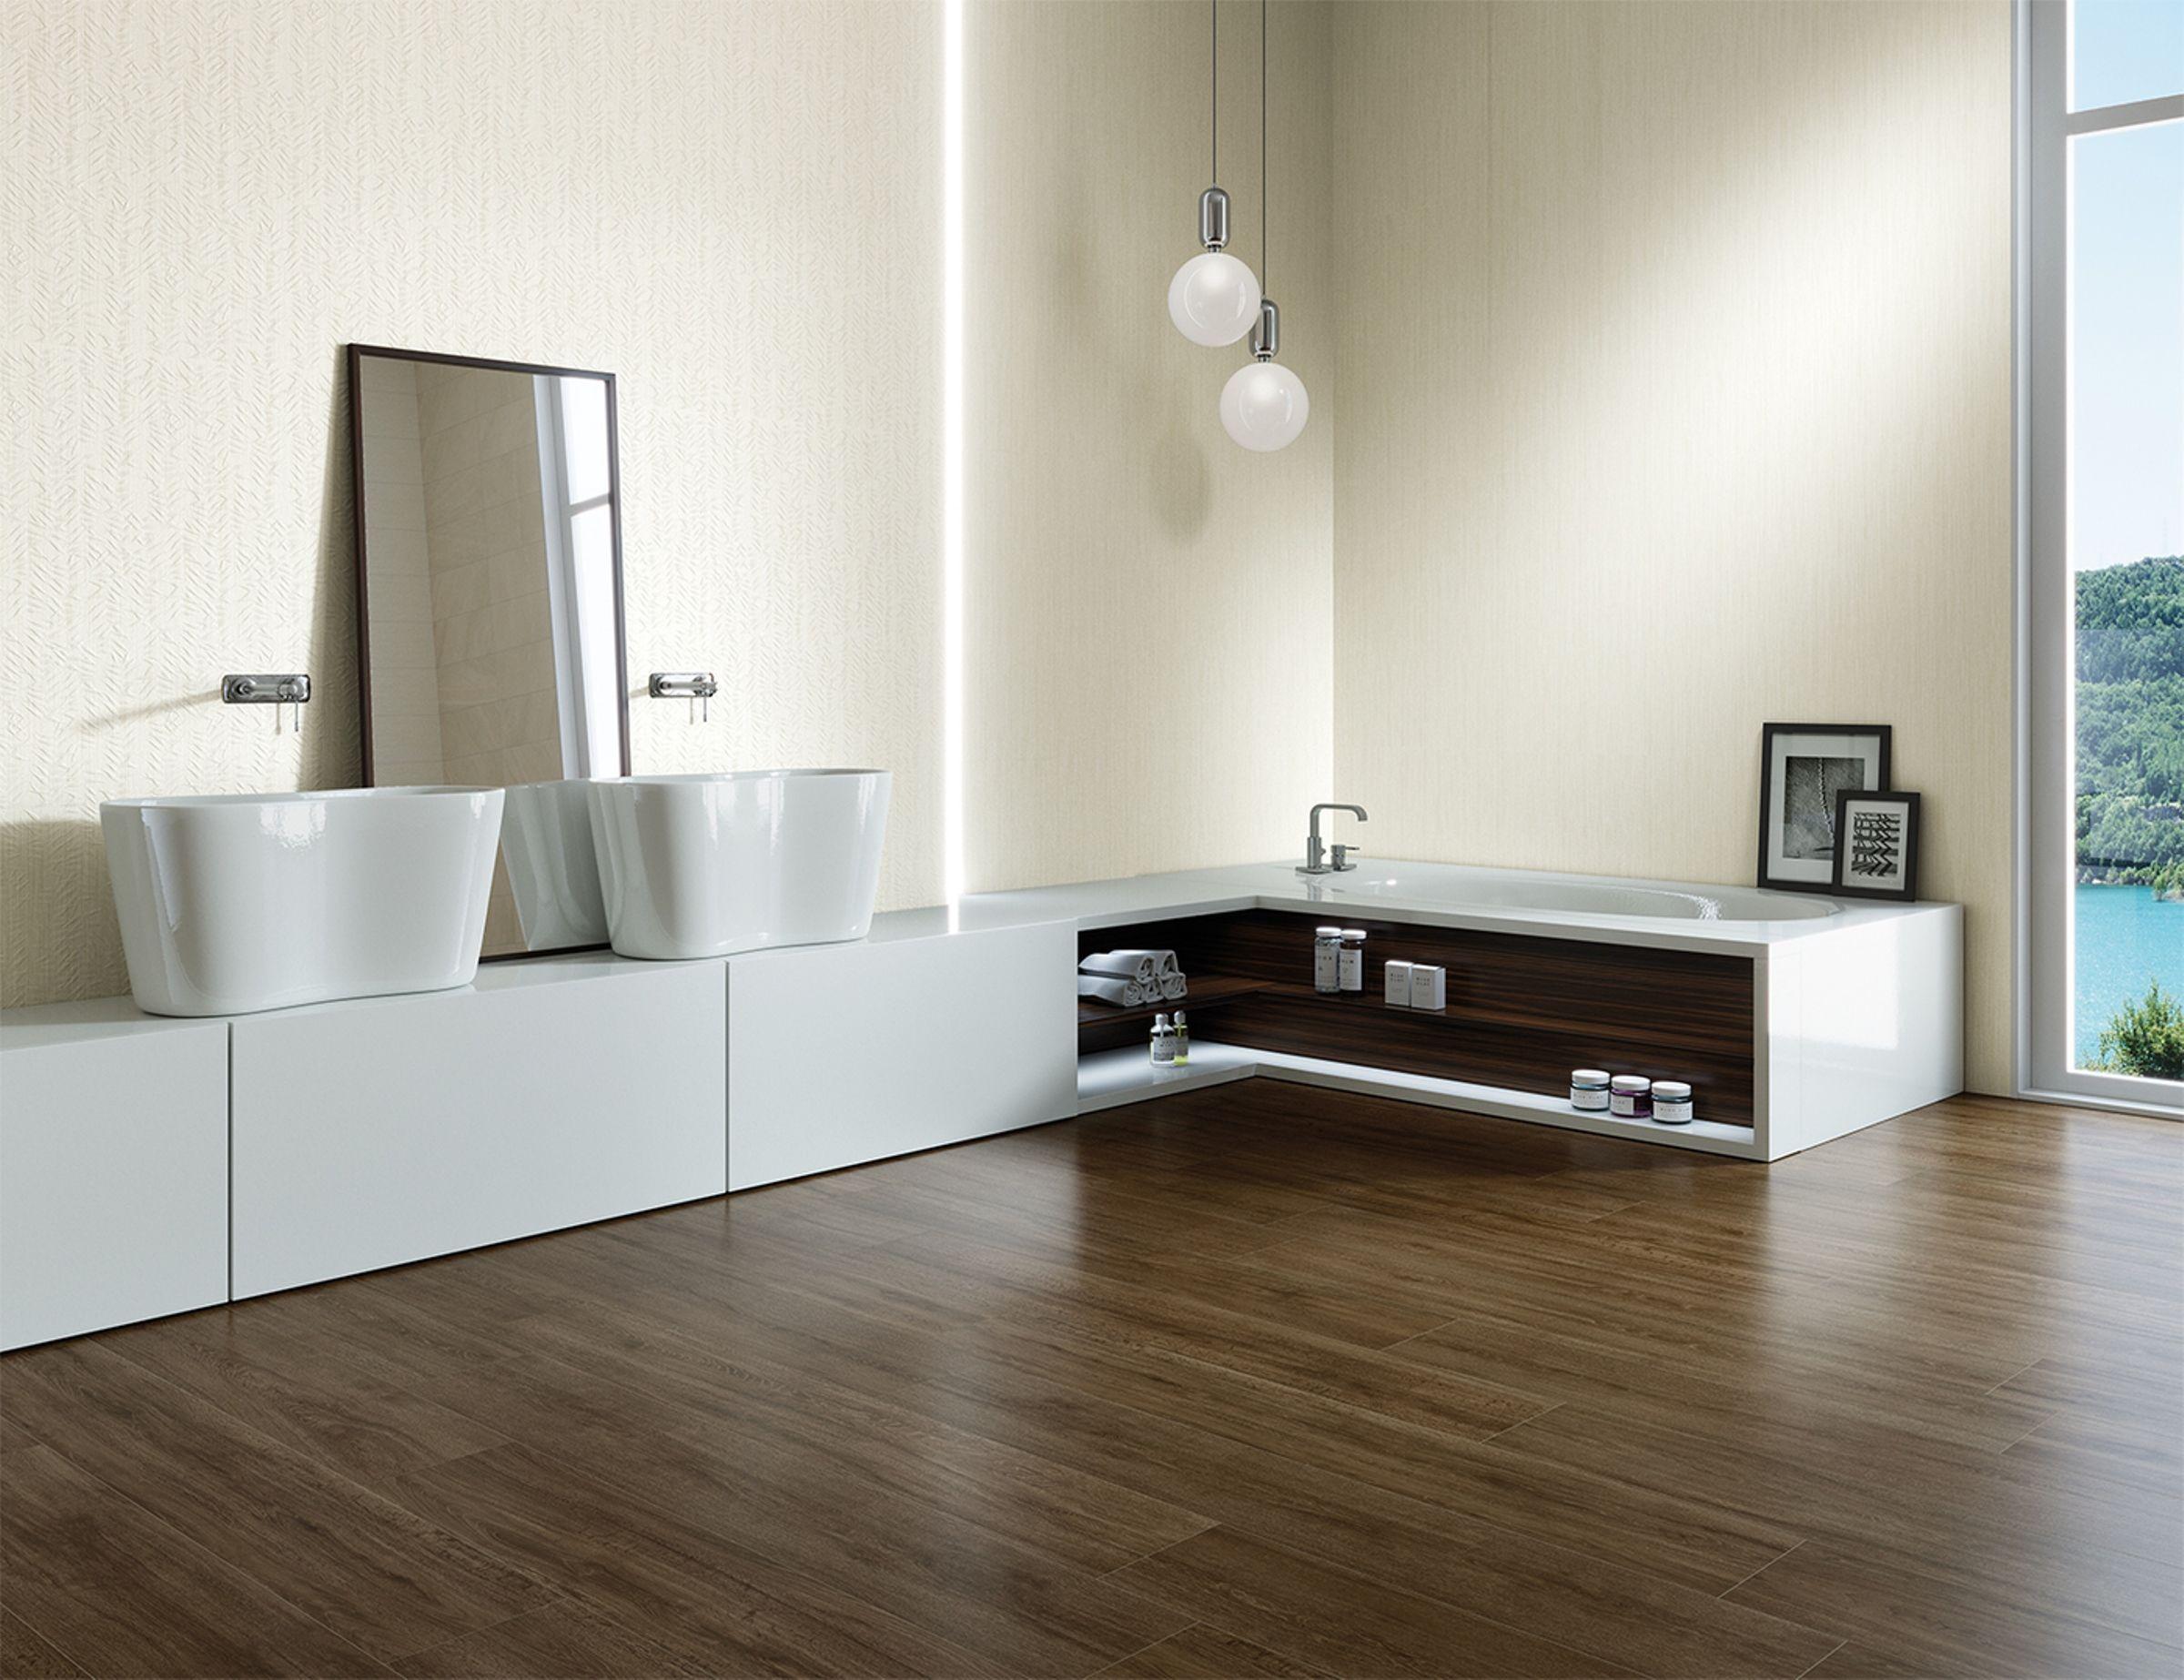 Ideen Fur Badezimmer Waschtisch Holz Kuchen Design Badezimmer Holz